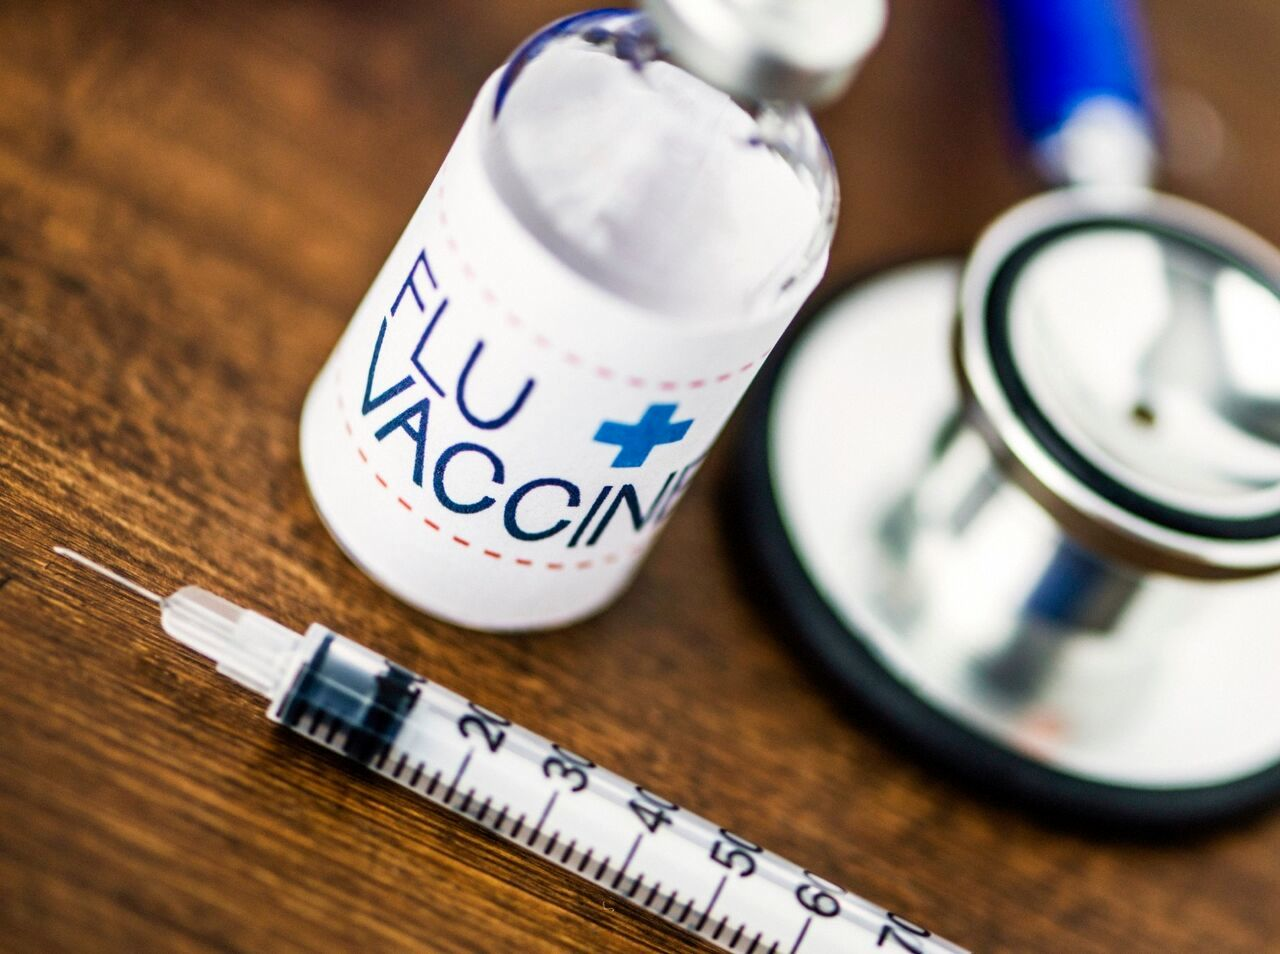 مزایای واکسن آنفلوآنزا چیست؟